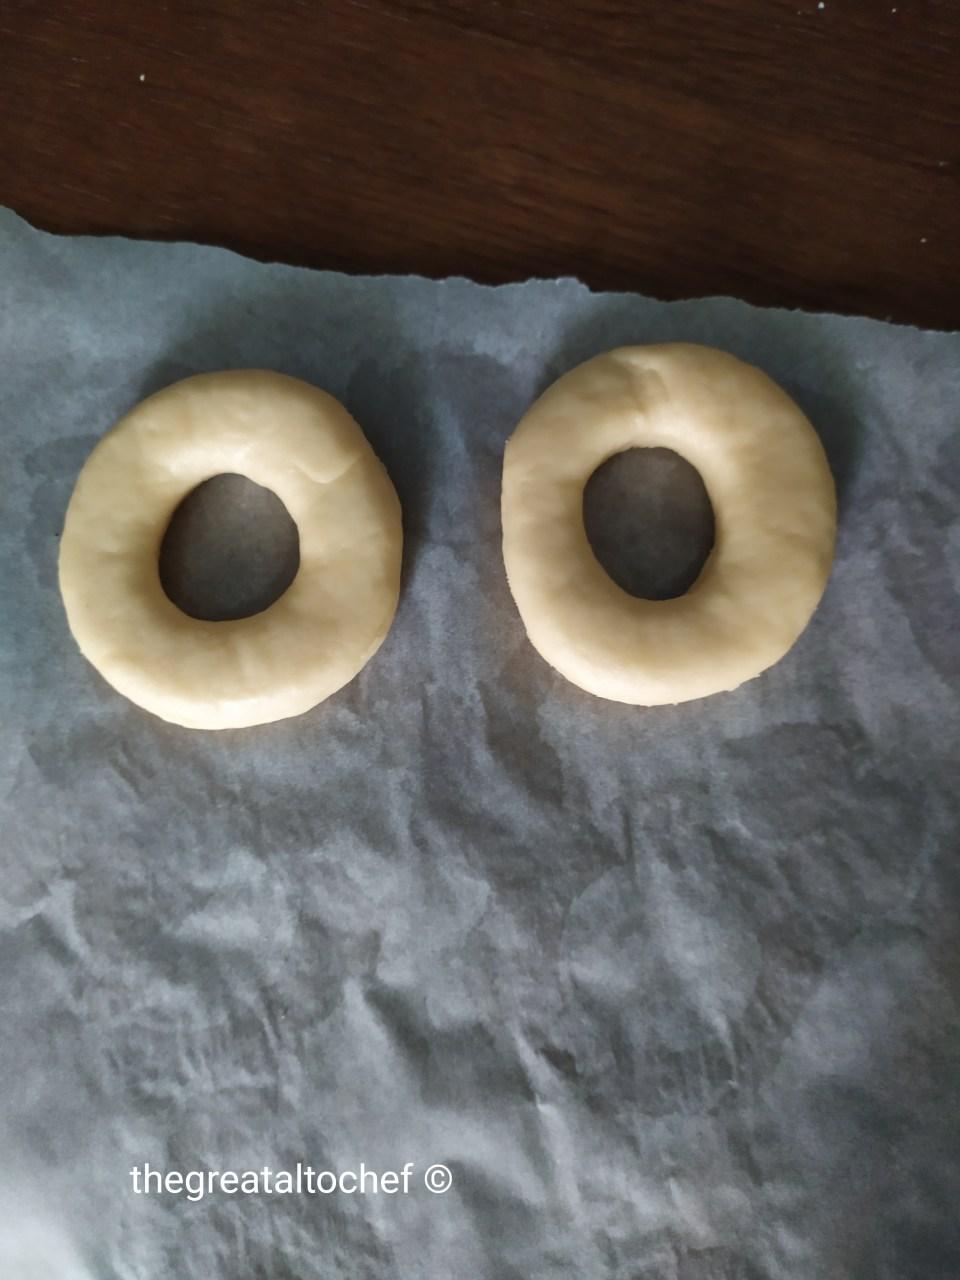 Преостало тесто само благо сједините и поновите поступак све док не утрошите тесто. Мени је испало 15 крофни. Оно што је битно. Тесто не треба пуно израђивати. Такође не треба га пуно притискати оклагијом. Крофне ставити на пек папир или неку другу радну површину. Прекрити крпом па после 5 минута окренути их на другу страну. Опет покрити после 10 минута опет окренути, покрити крпом и оставити још 5 минута да нарастају.